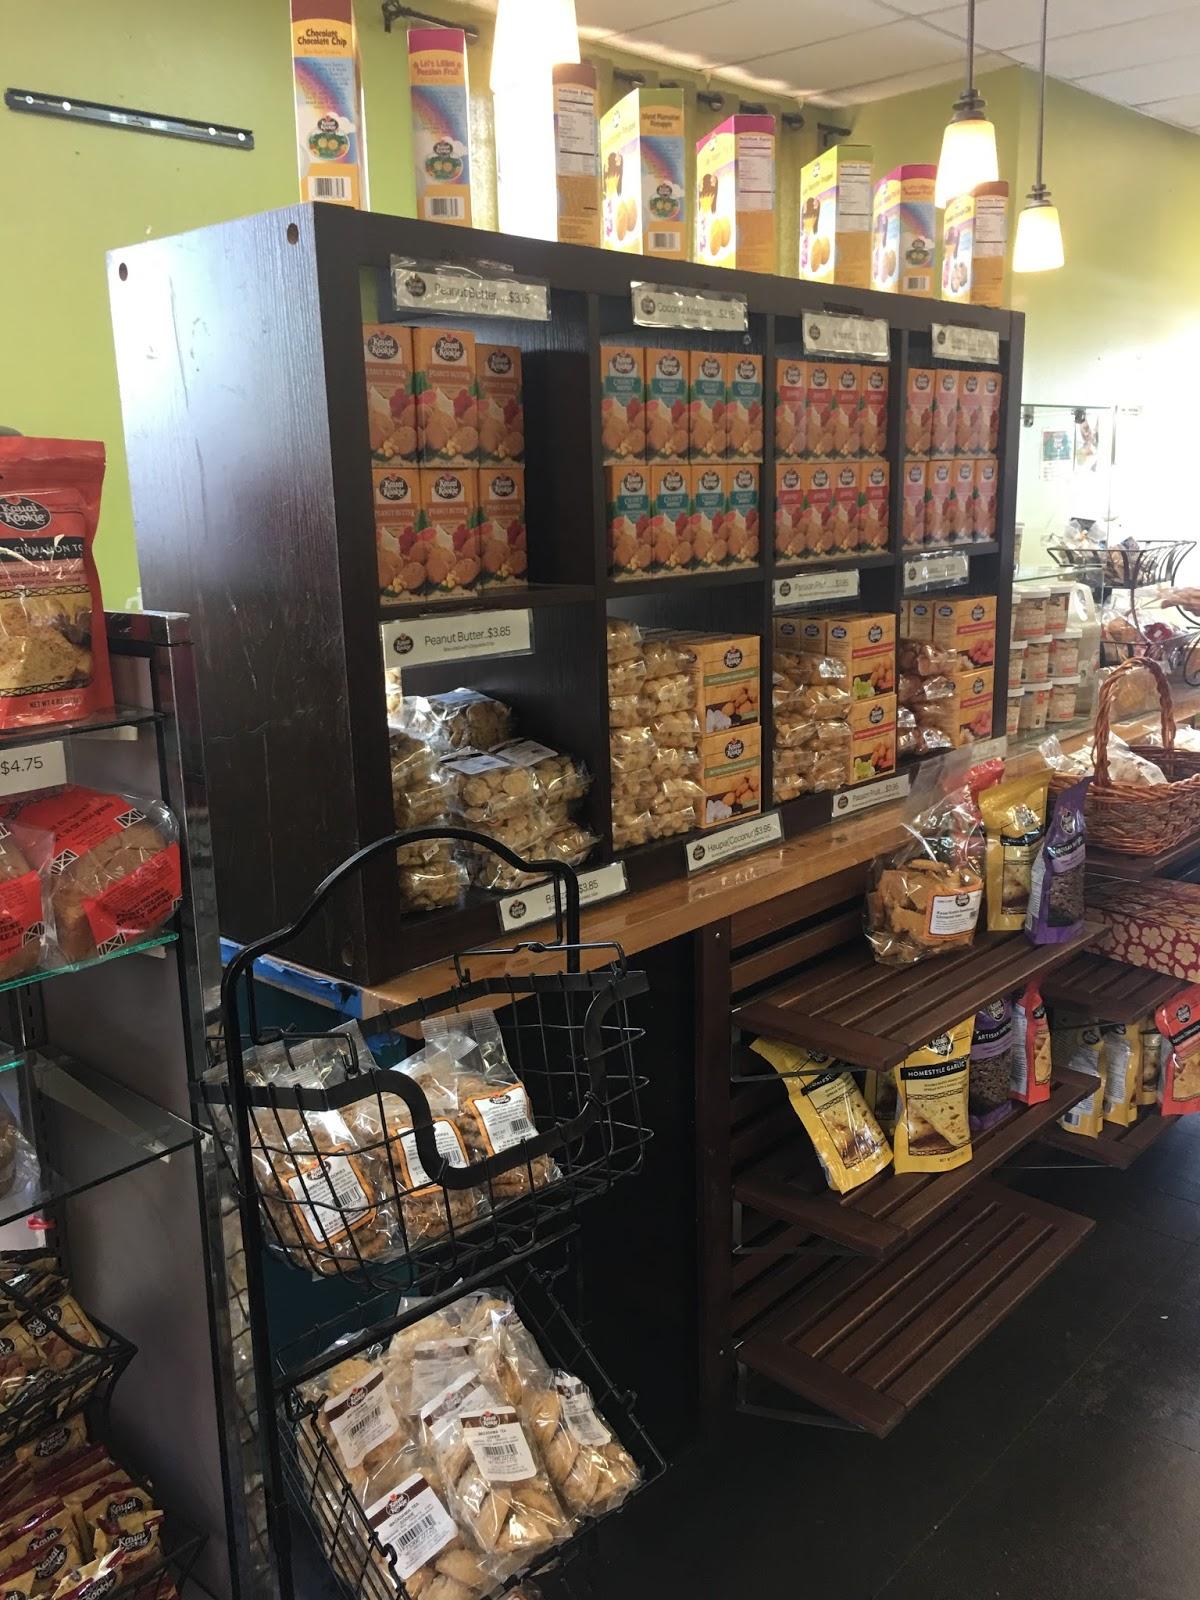 Taste Of Hawaii Kauai Kookie Bakery And Restaurant